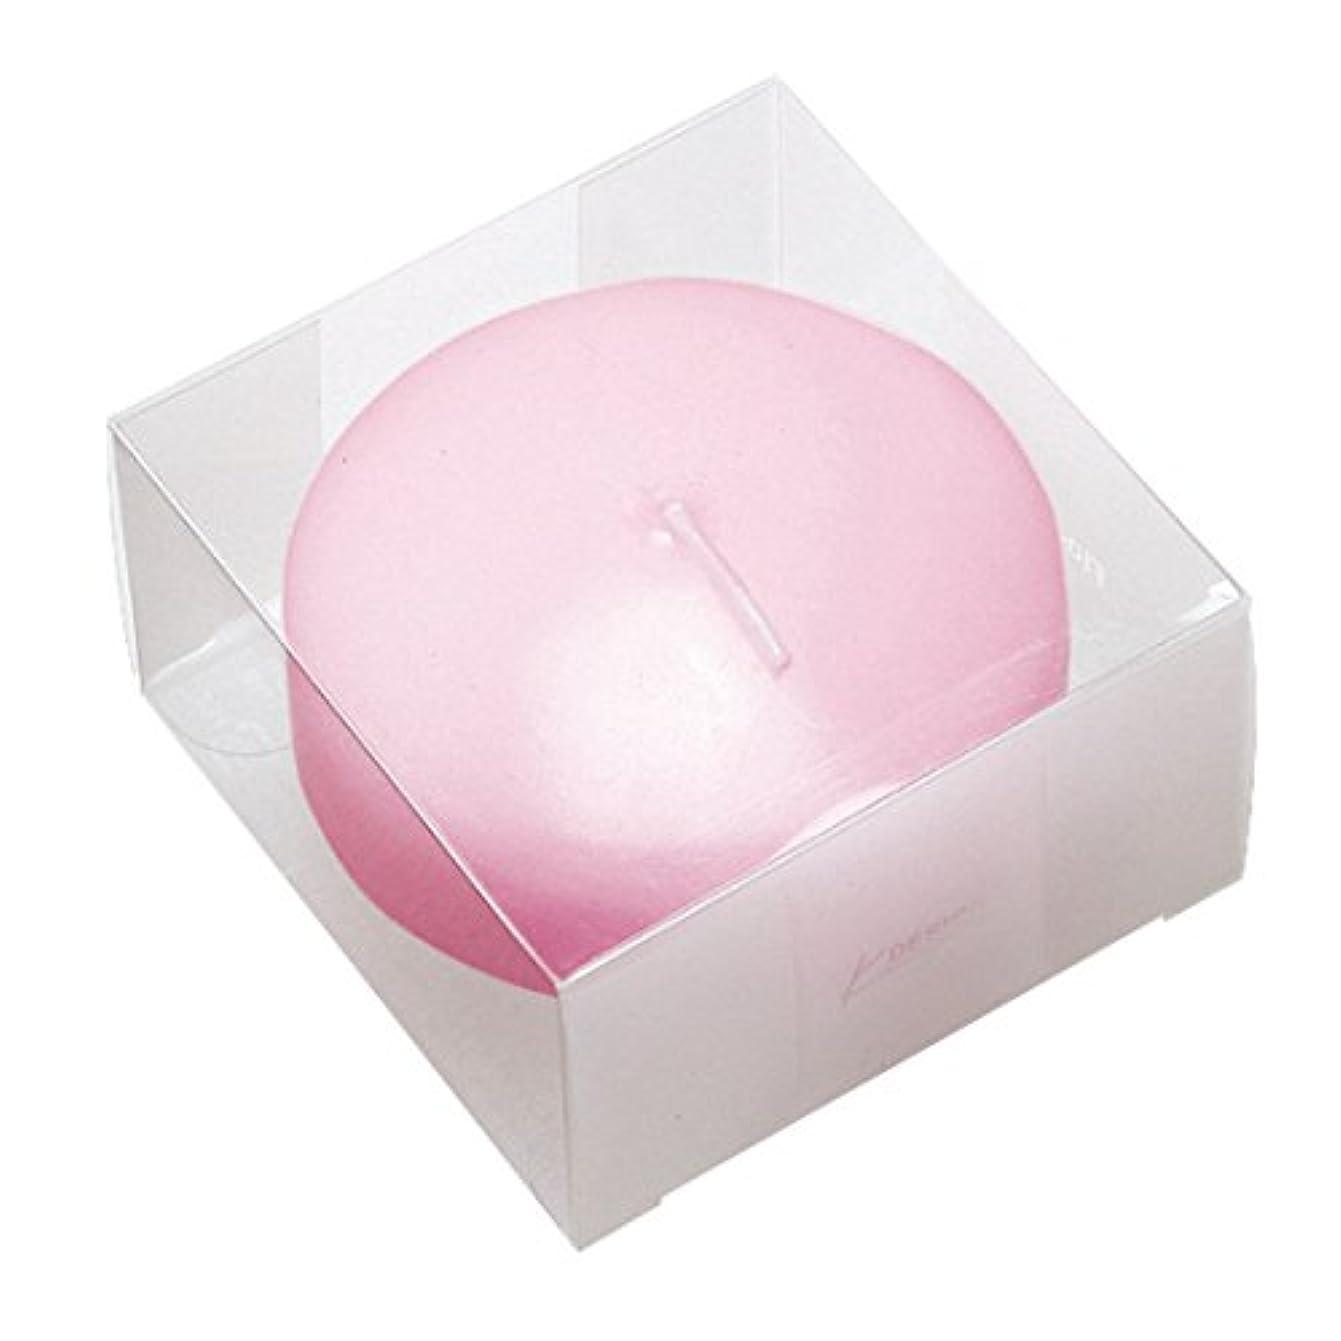 干ばつ組み合わせる黄ばむプール80(箱入り) 「 ピンク 」